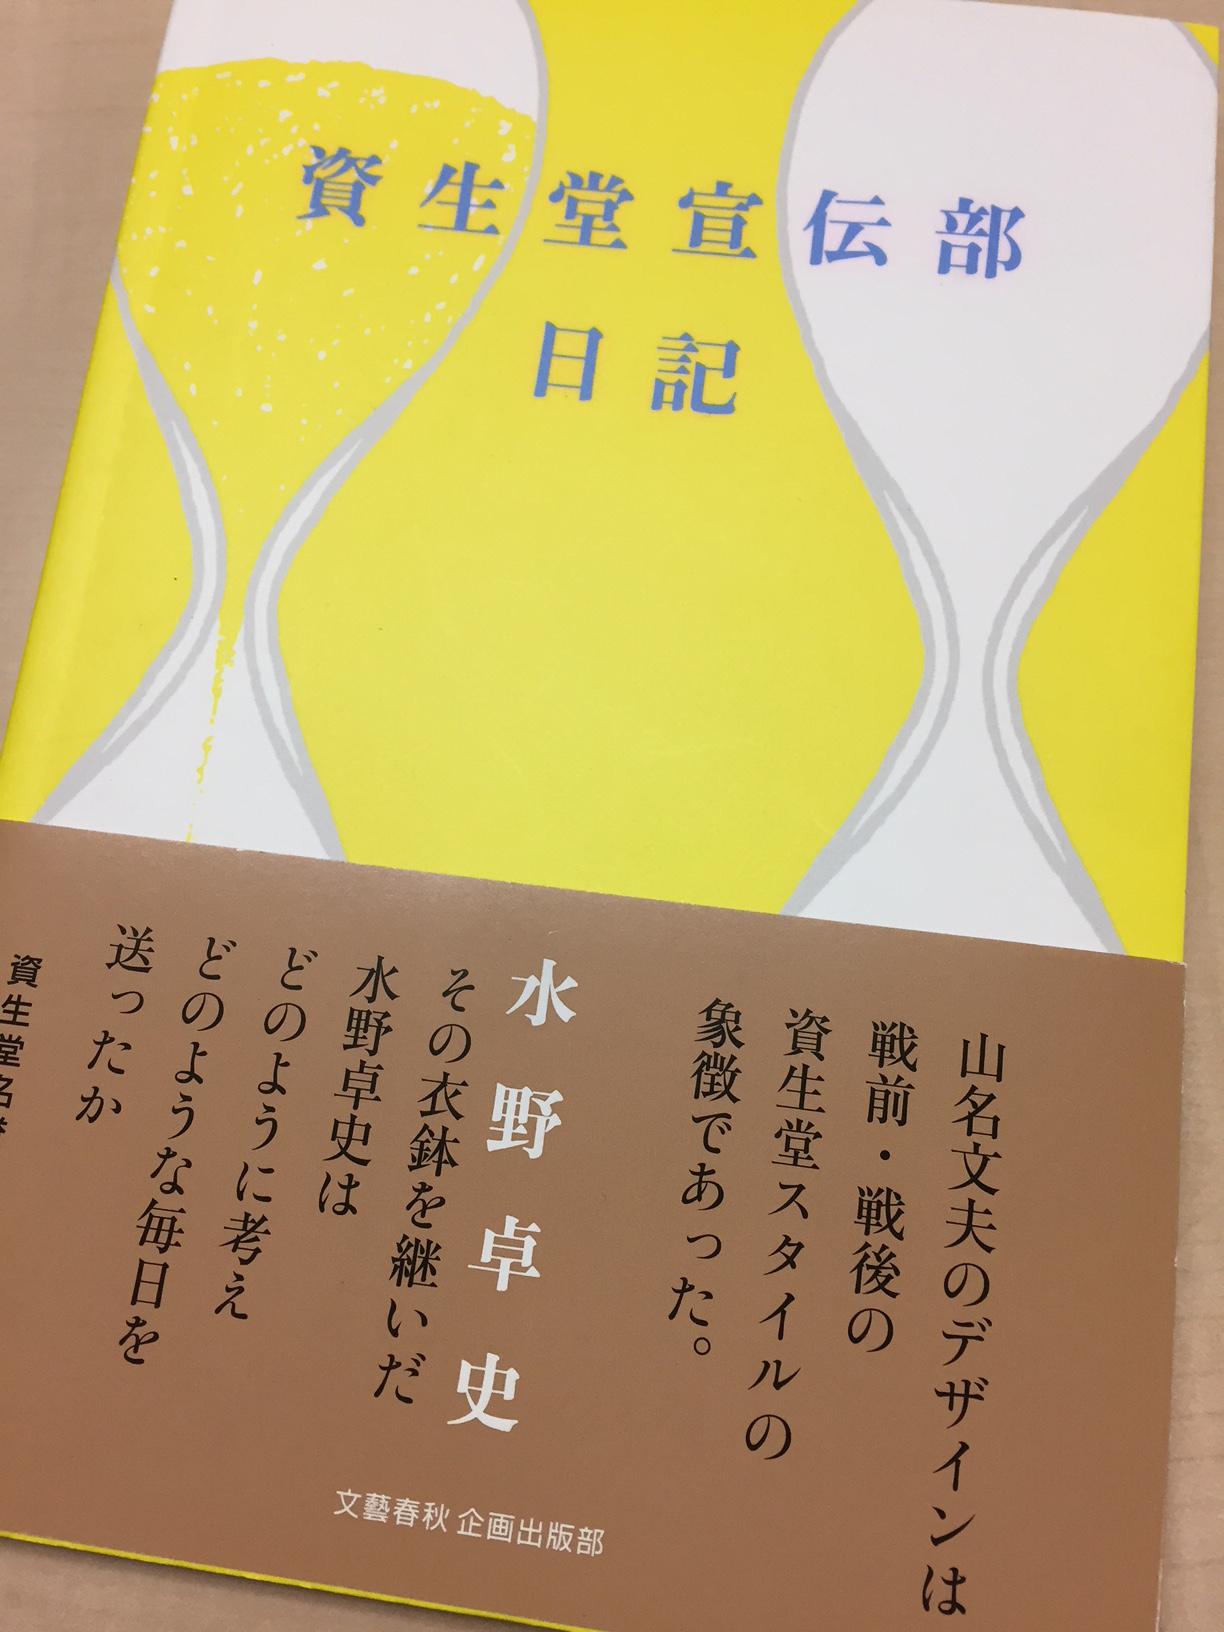 水野卓史『資生堂宣伝部日記』(文藝春秋企画出版部)